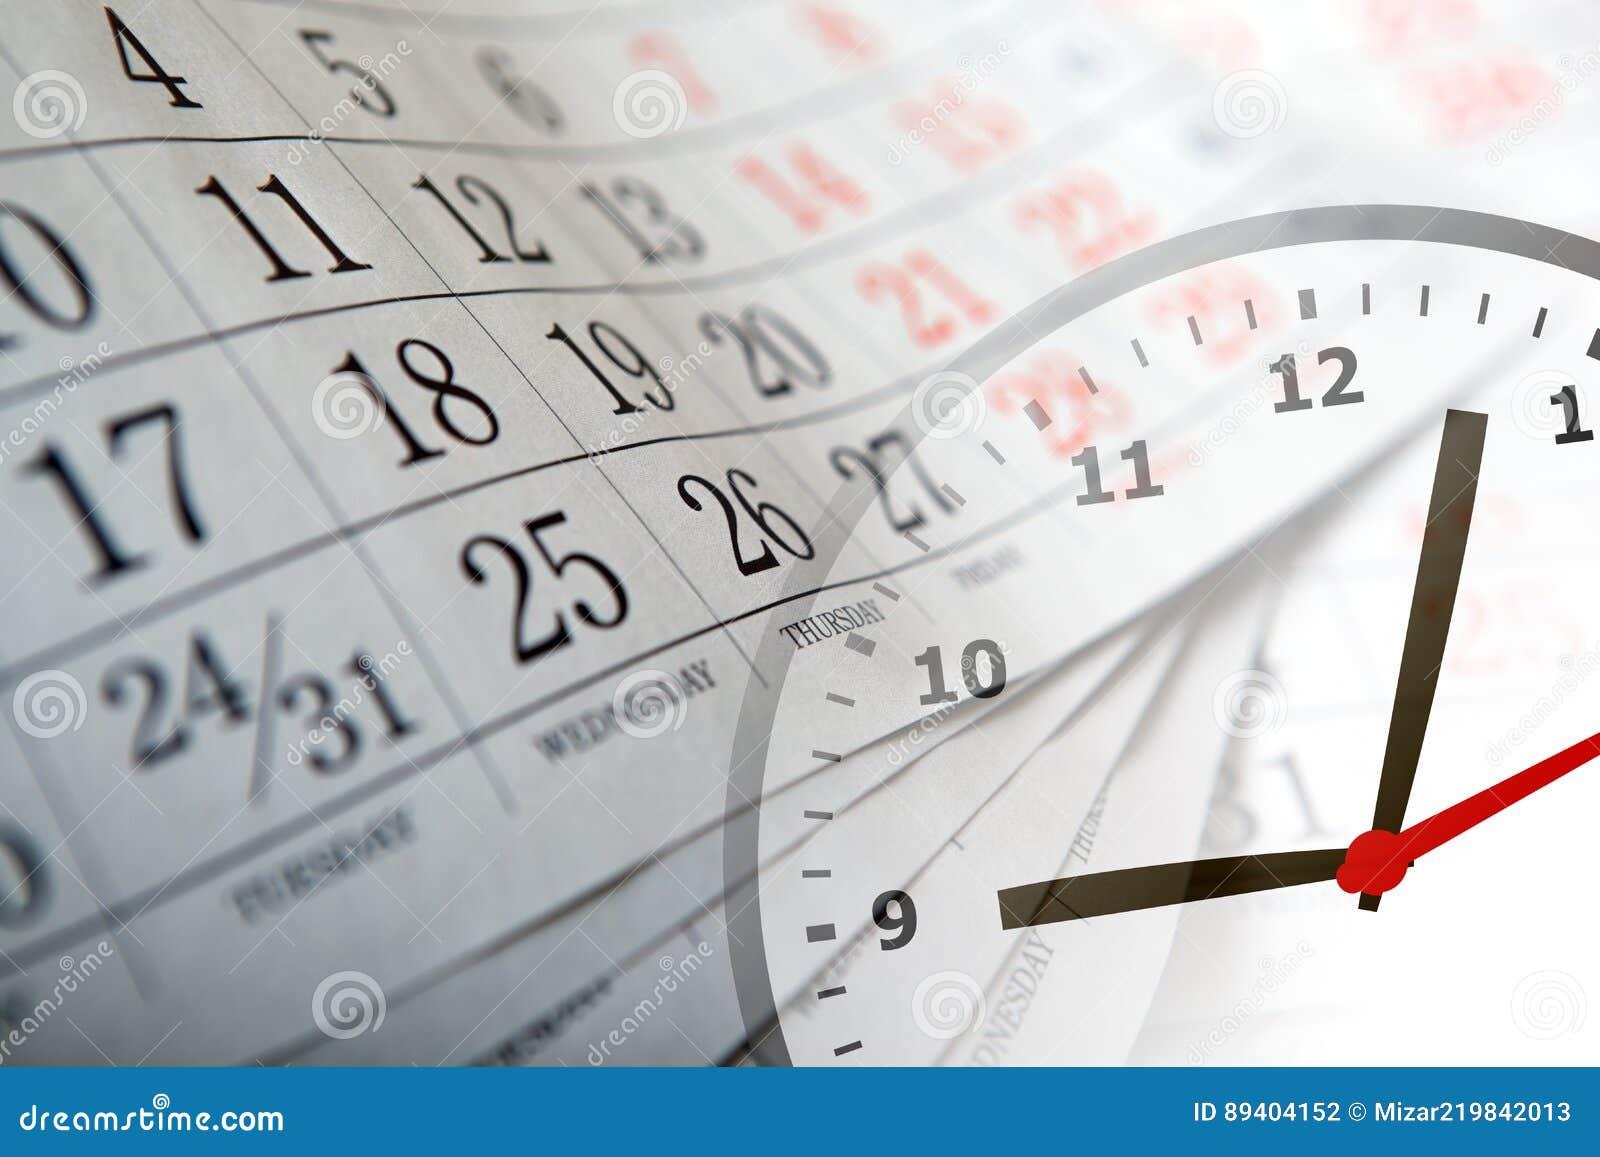 Calendario Con Numero Giorni.Calendario Murale Con Il Numero Dei Giorni E Dell Orologio